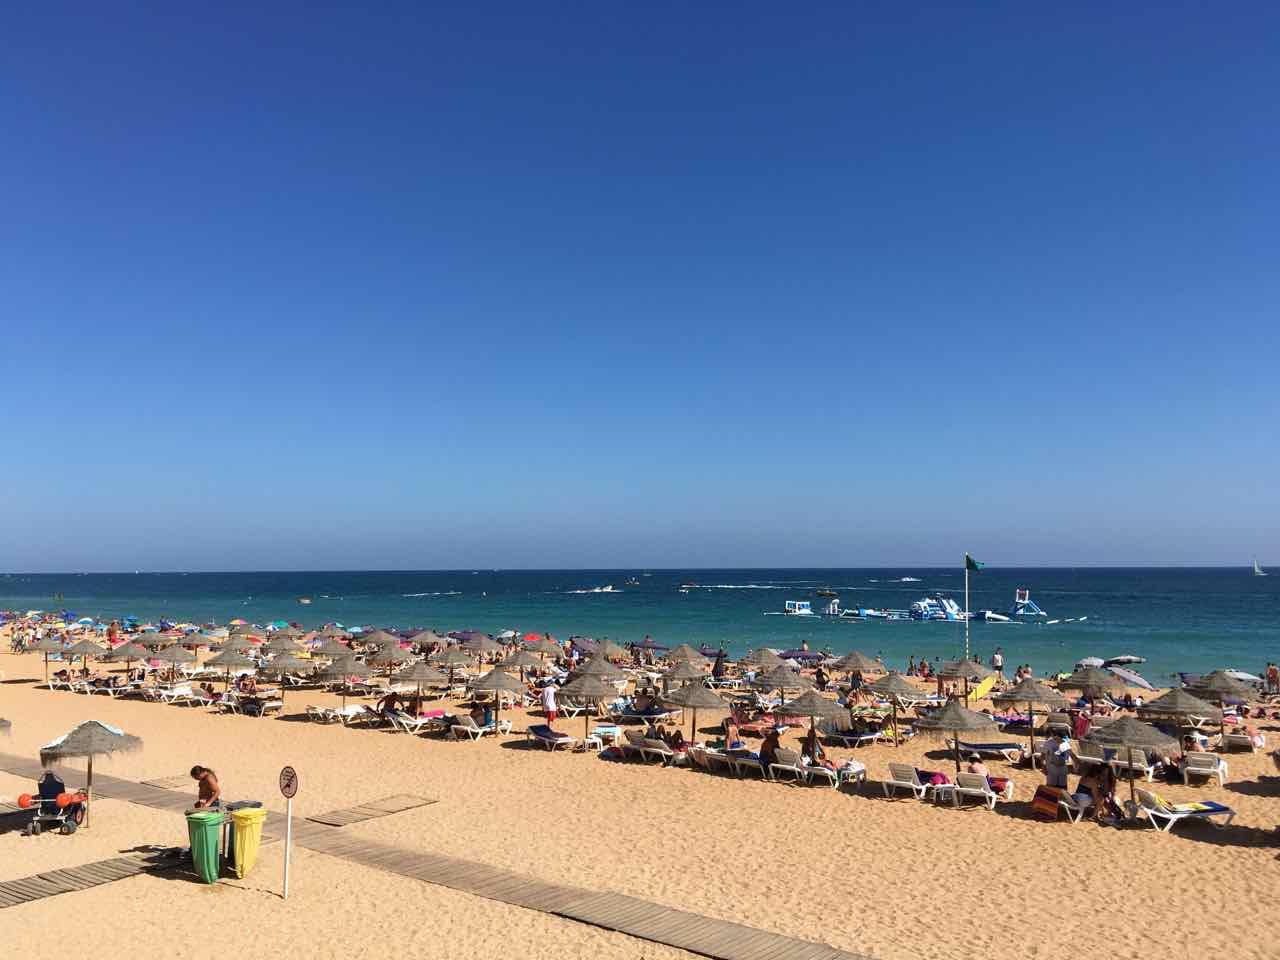 albufeira_beach2